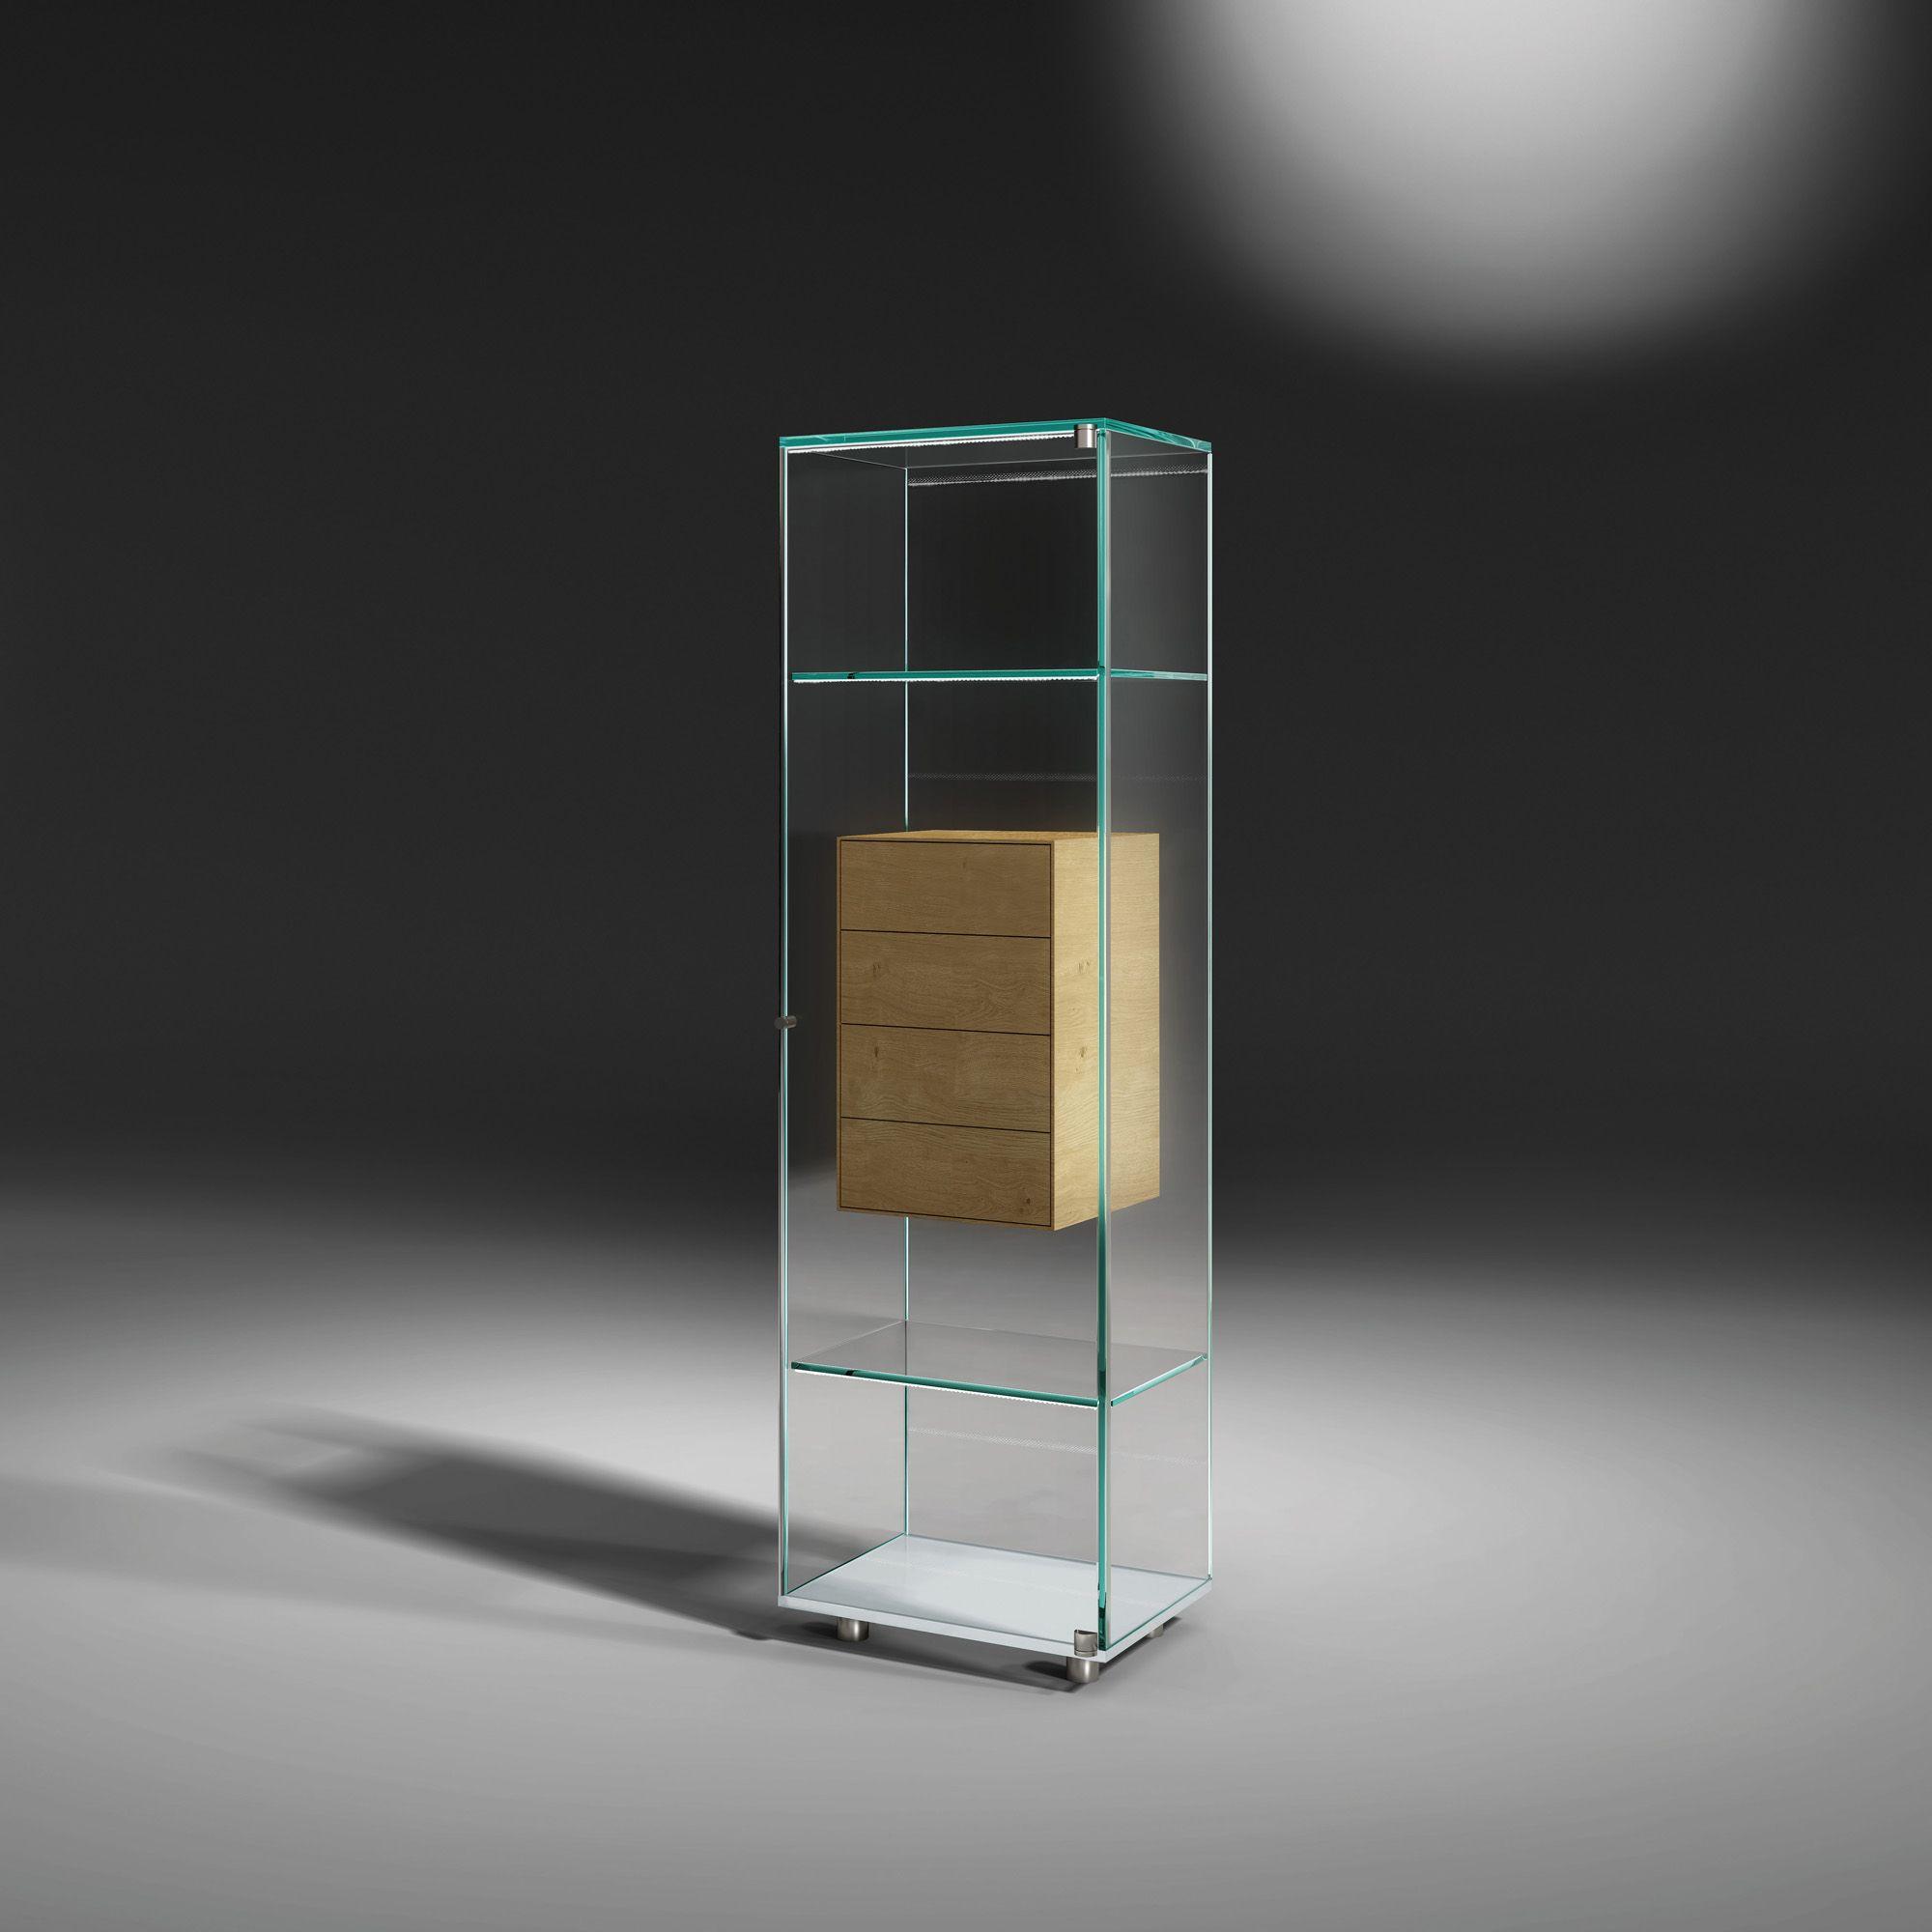 Glasvitrine Solus Fly Ein Weiteres Design Highlight Aus Der Modellserie Der Puristischen Solus Glasvitrinen Ist Die Design Vitrine Glasvitrine Vitrine Glas